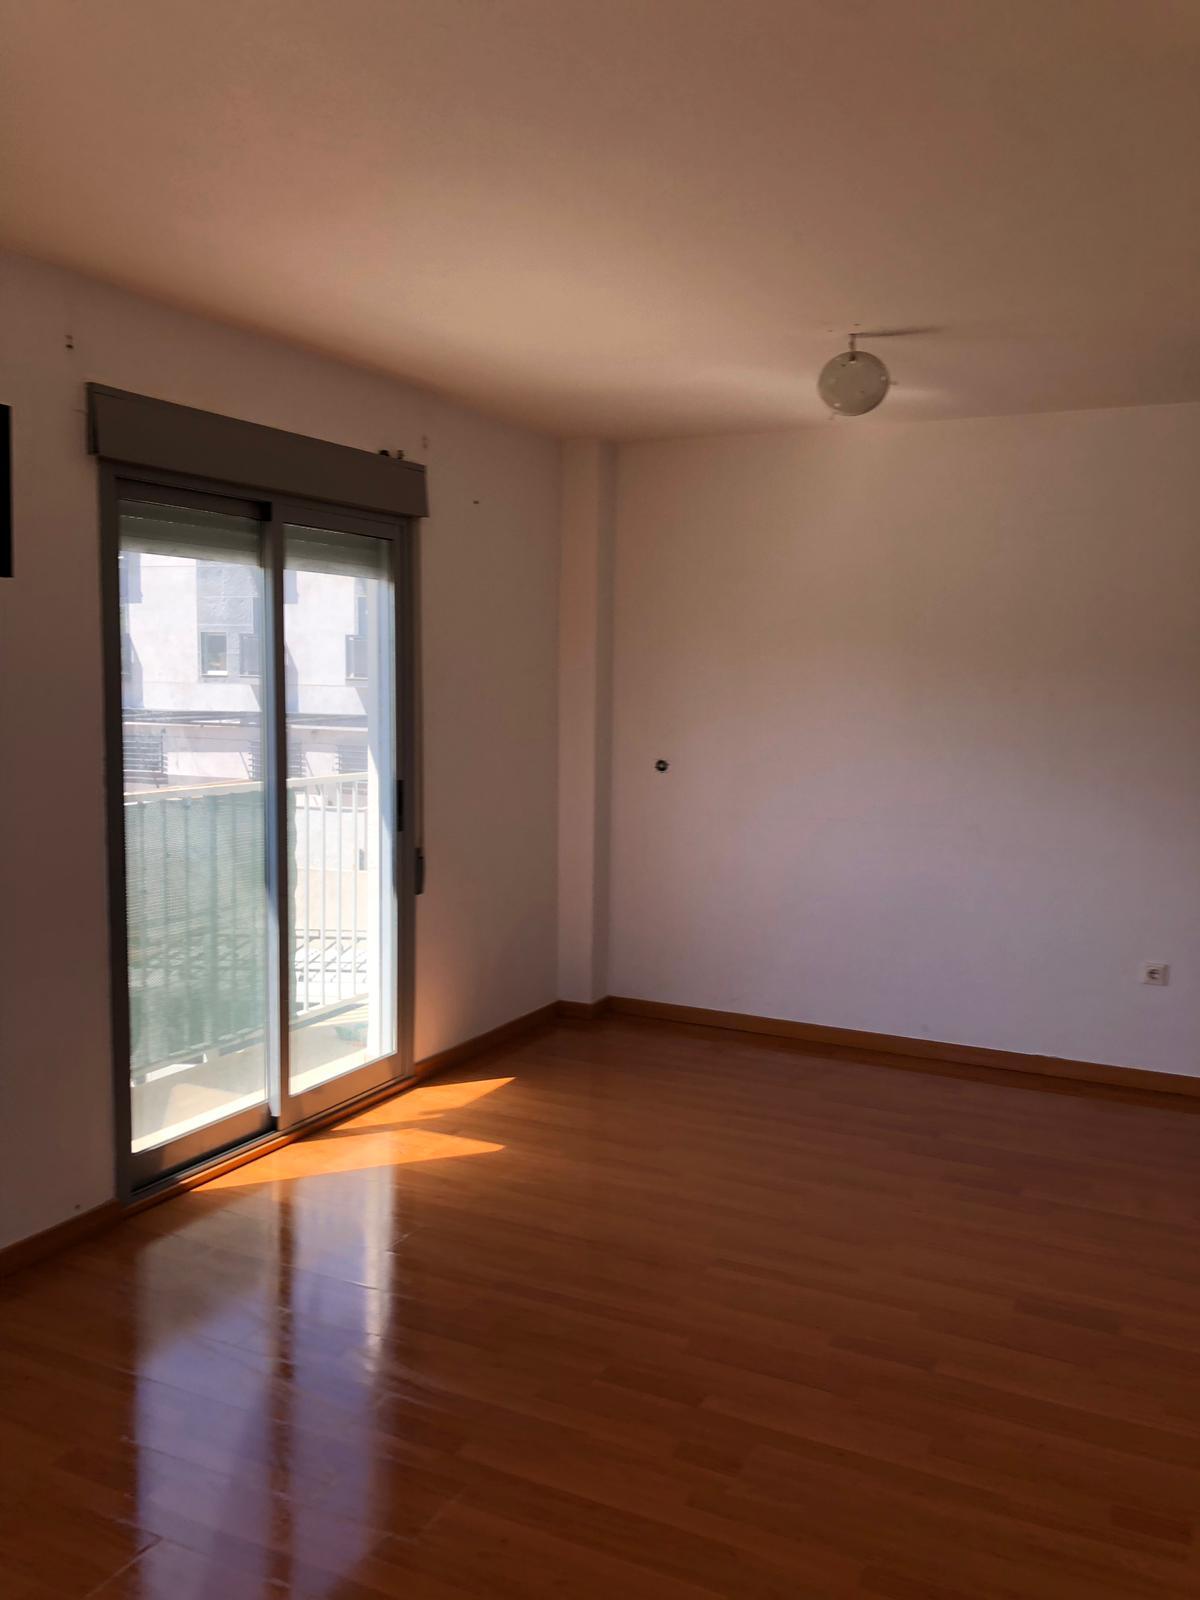 Piso en venta en Aspe, Alicante, Avenida Gran Capitan, 83.200 €, 4 habitaciones, 2 baños, 134 m2